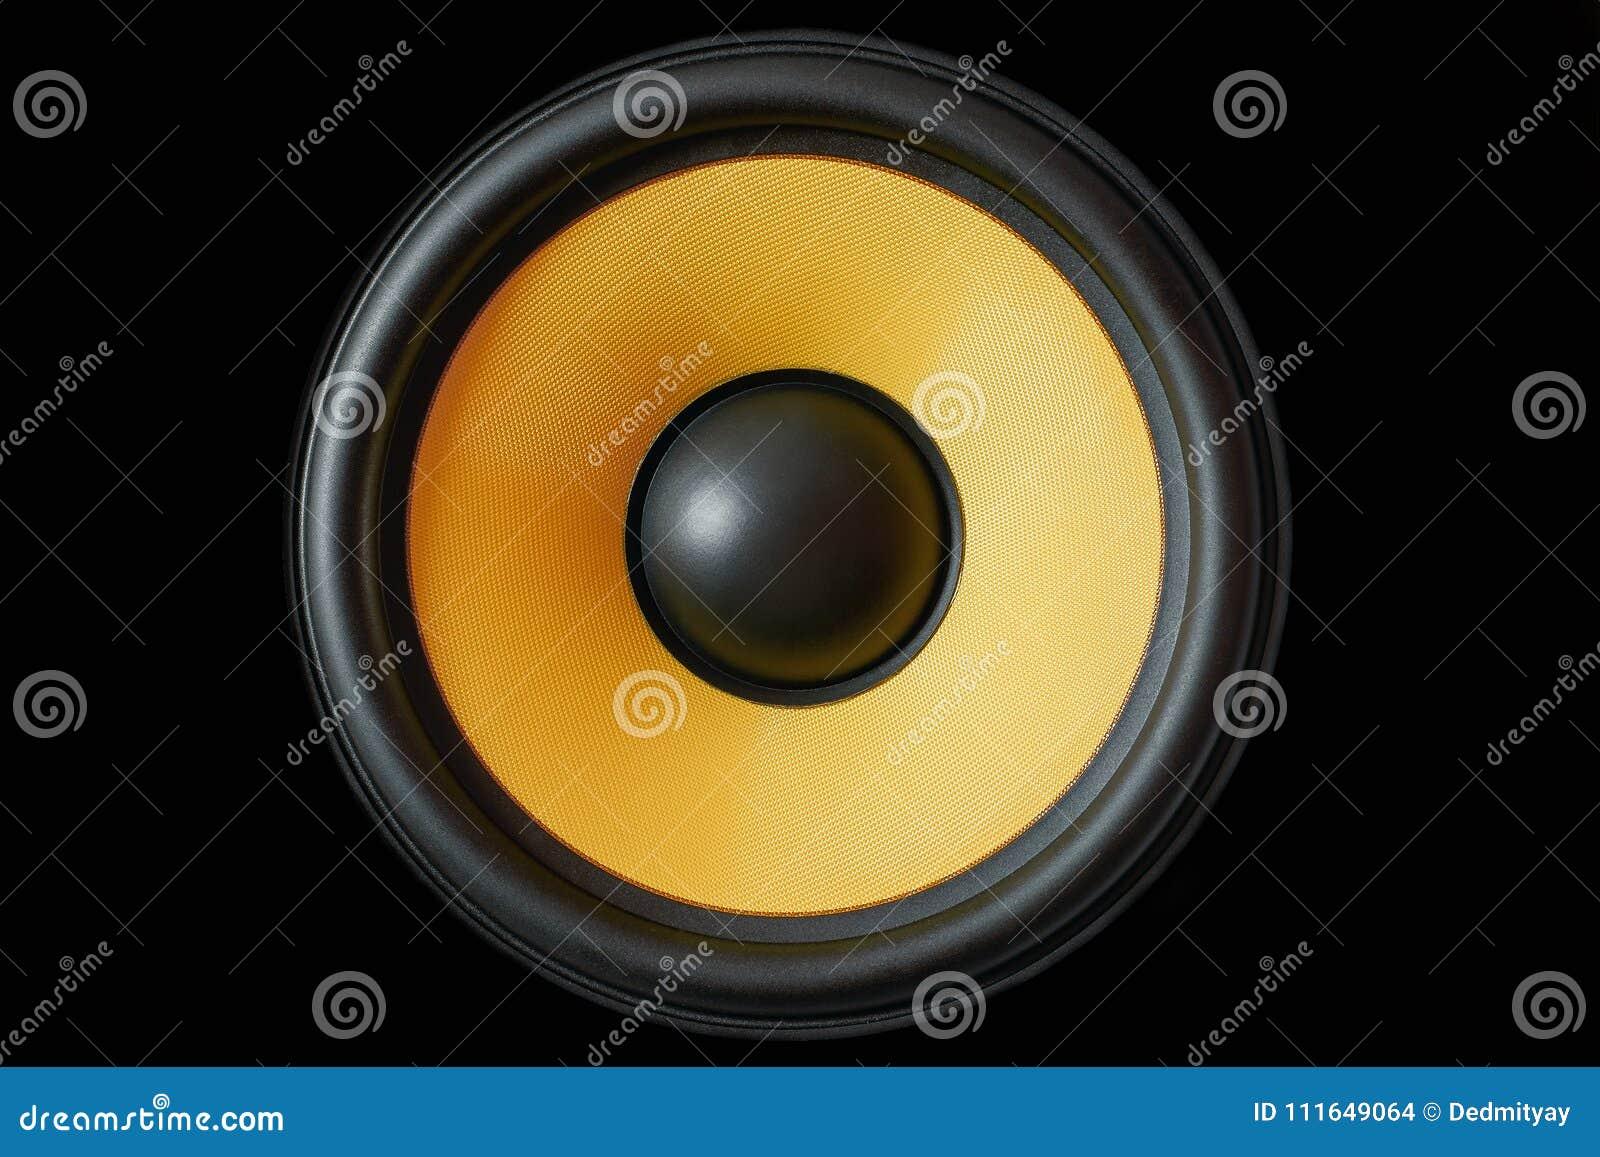 Δυναμική μεμβράνη Subwoofer ή υγιής ομιλητής που απομονώνεται στο μαύρο υπόβαθρο, κίτρινος υψηλής πιστότητας στενός επάνω μεγάφων